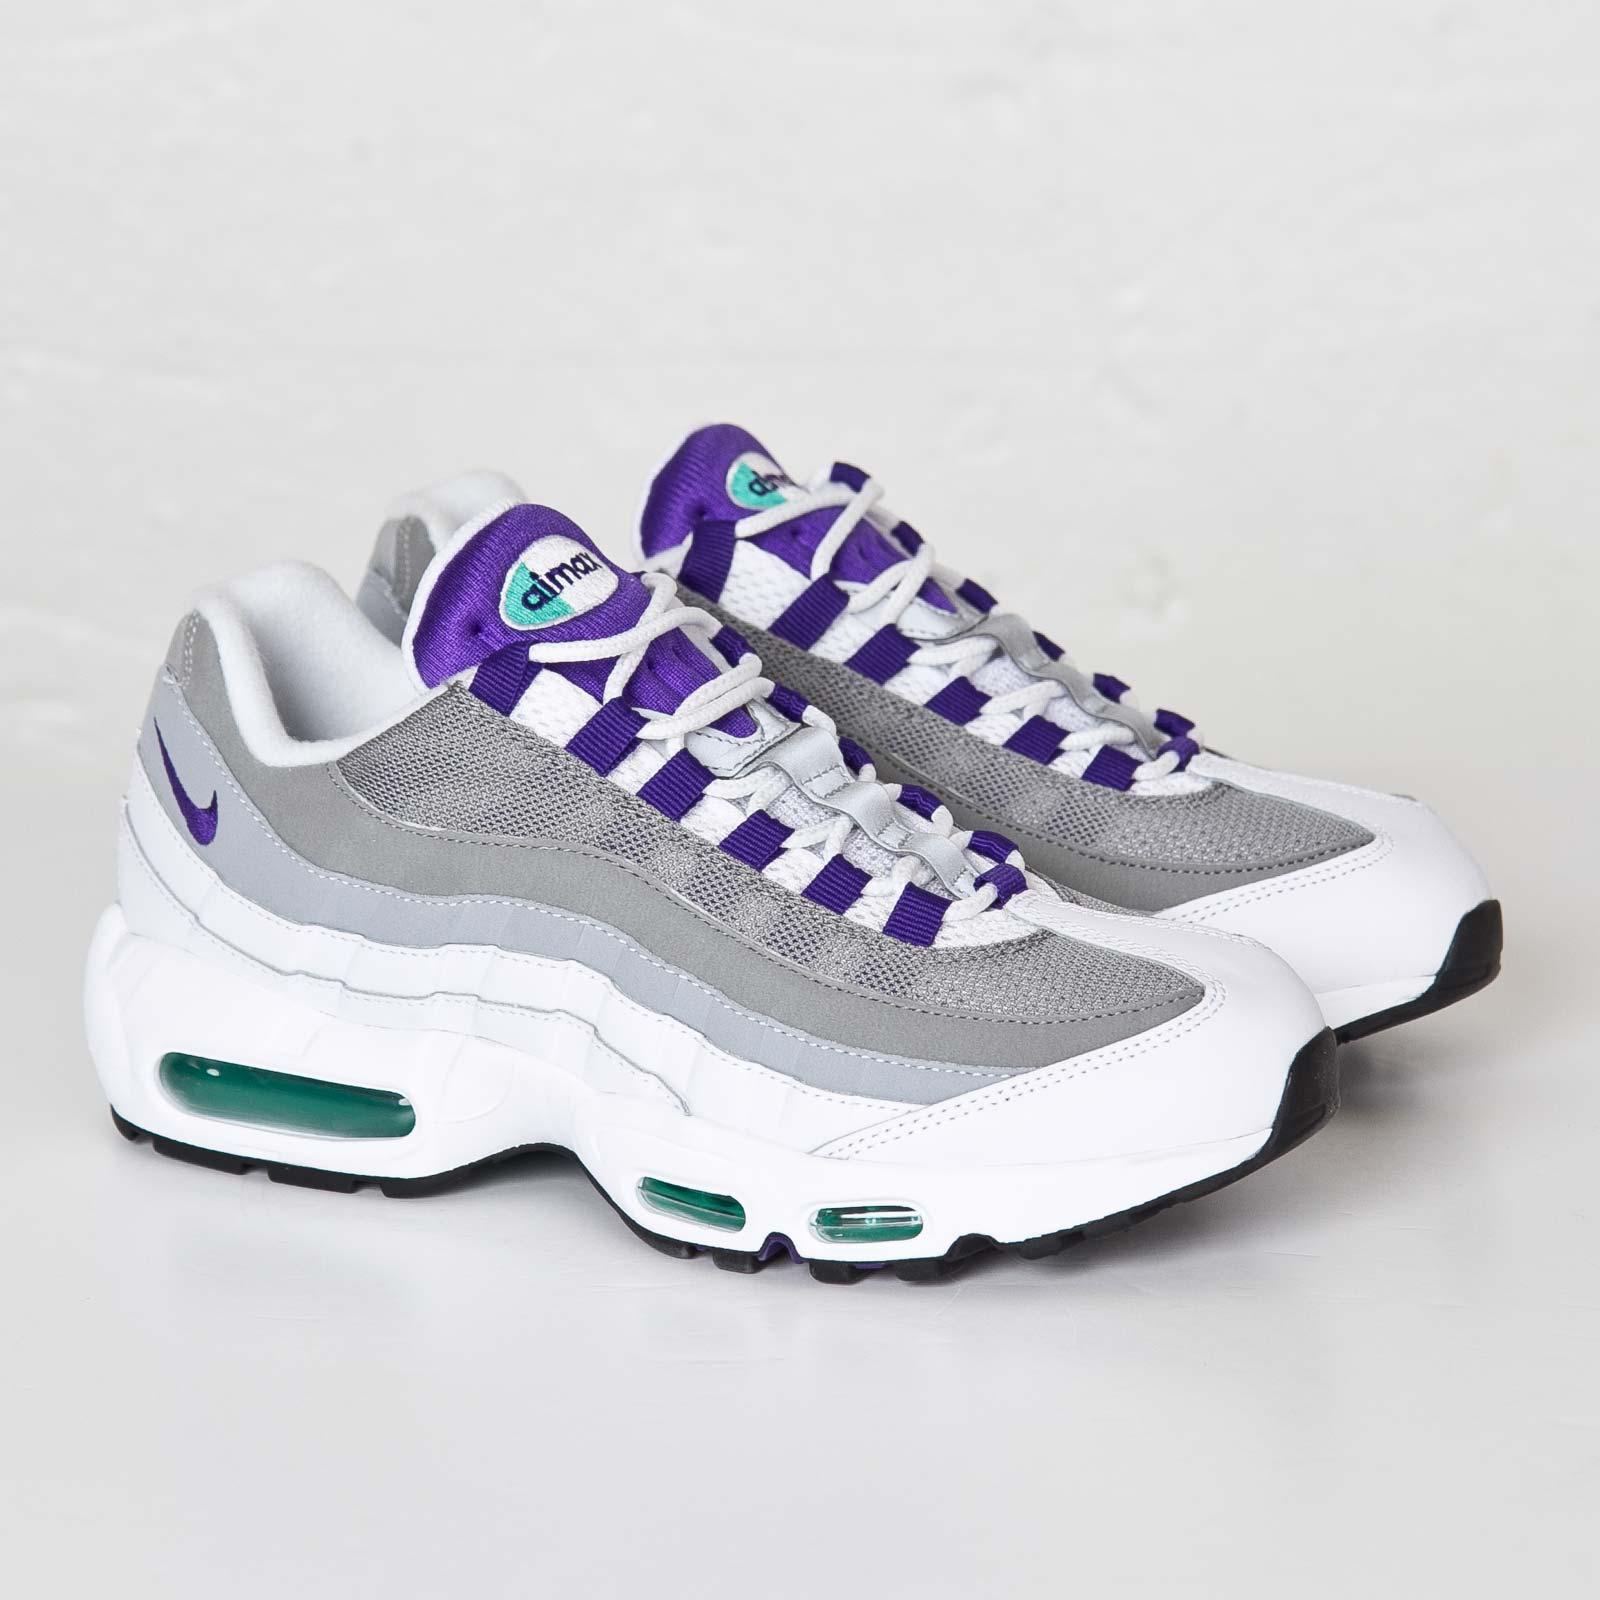 Nike Air Max 95 OG 554970 151 Sneakersnstuff | sneakers